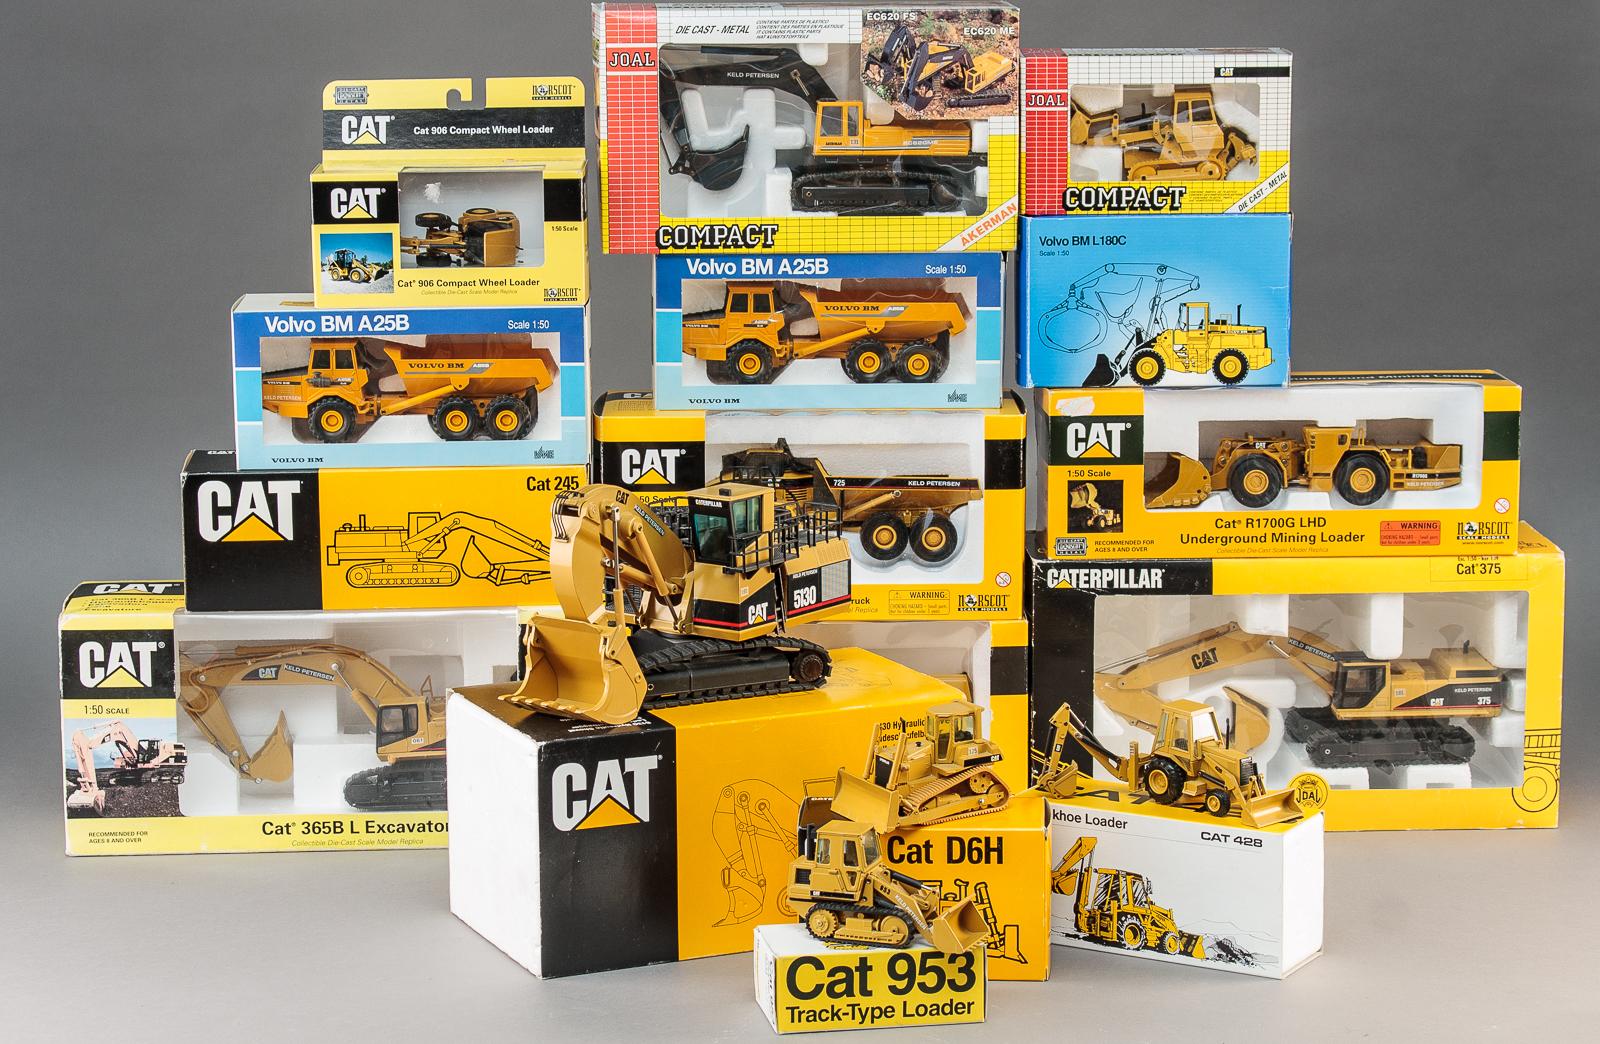 Caterpillar mfl. Entreprenør modeller i æsker - Caterpillar entreprenør modeller i æsker bestående af: Cat 375, Cat 245, Cat 955L, Cat 906, Cat 365B, Cat R1700G LHD, Cat 5130, Cat 953, Cat 428, Cat 725, Cat D6H, Cat 777D. Derudover: Volvo BM A25B, Volvo BM L180C, Volvo BM A25B, Åkerman EC620...